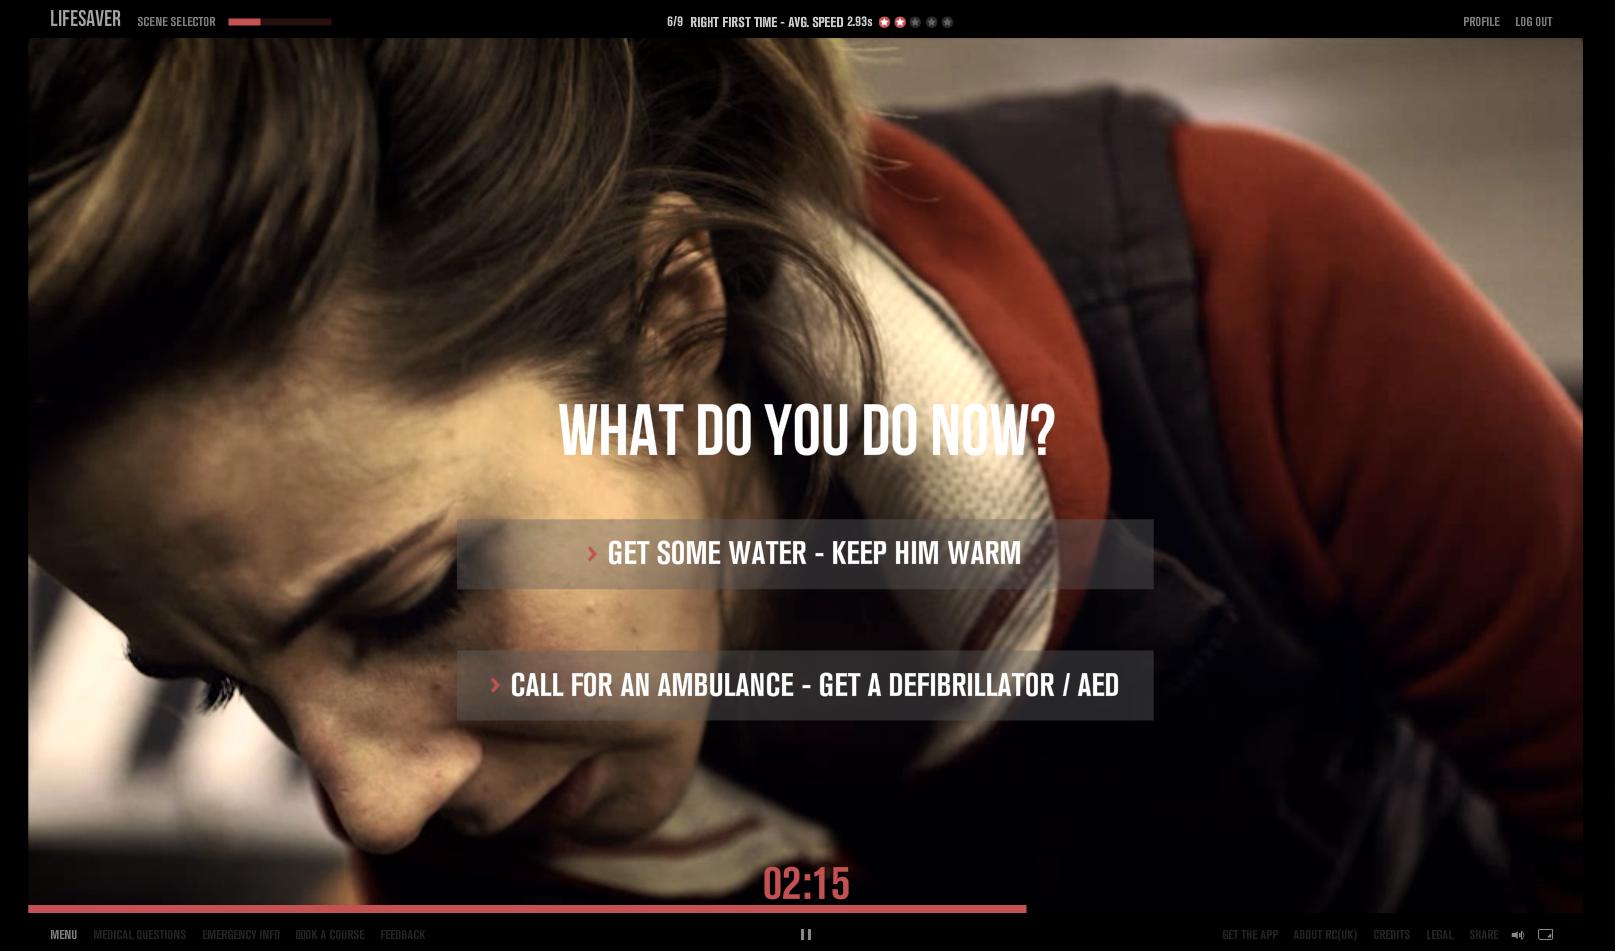 https://life-saver.org.uk/ Unit9 為英國 Resuscitation Council 協會做的互動網站,利用逼真的情境,以及簡單的互動機制,讓你了解遇到這樣的狀況時候 WHAT YOU SHOULD DO. 同時也有手機與平板版本。快來試試看下次遇到這種情形,你可以嗎?